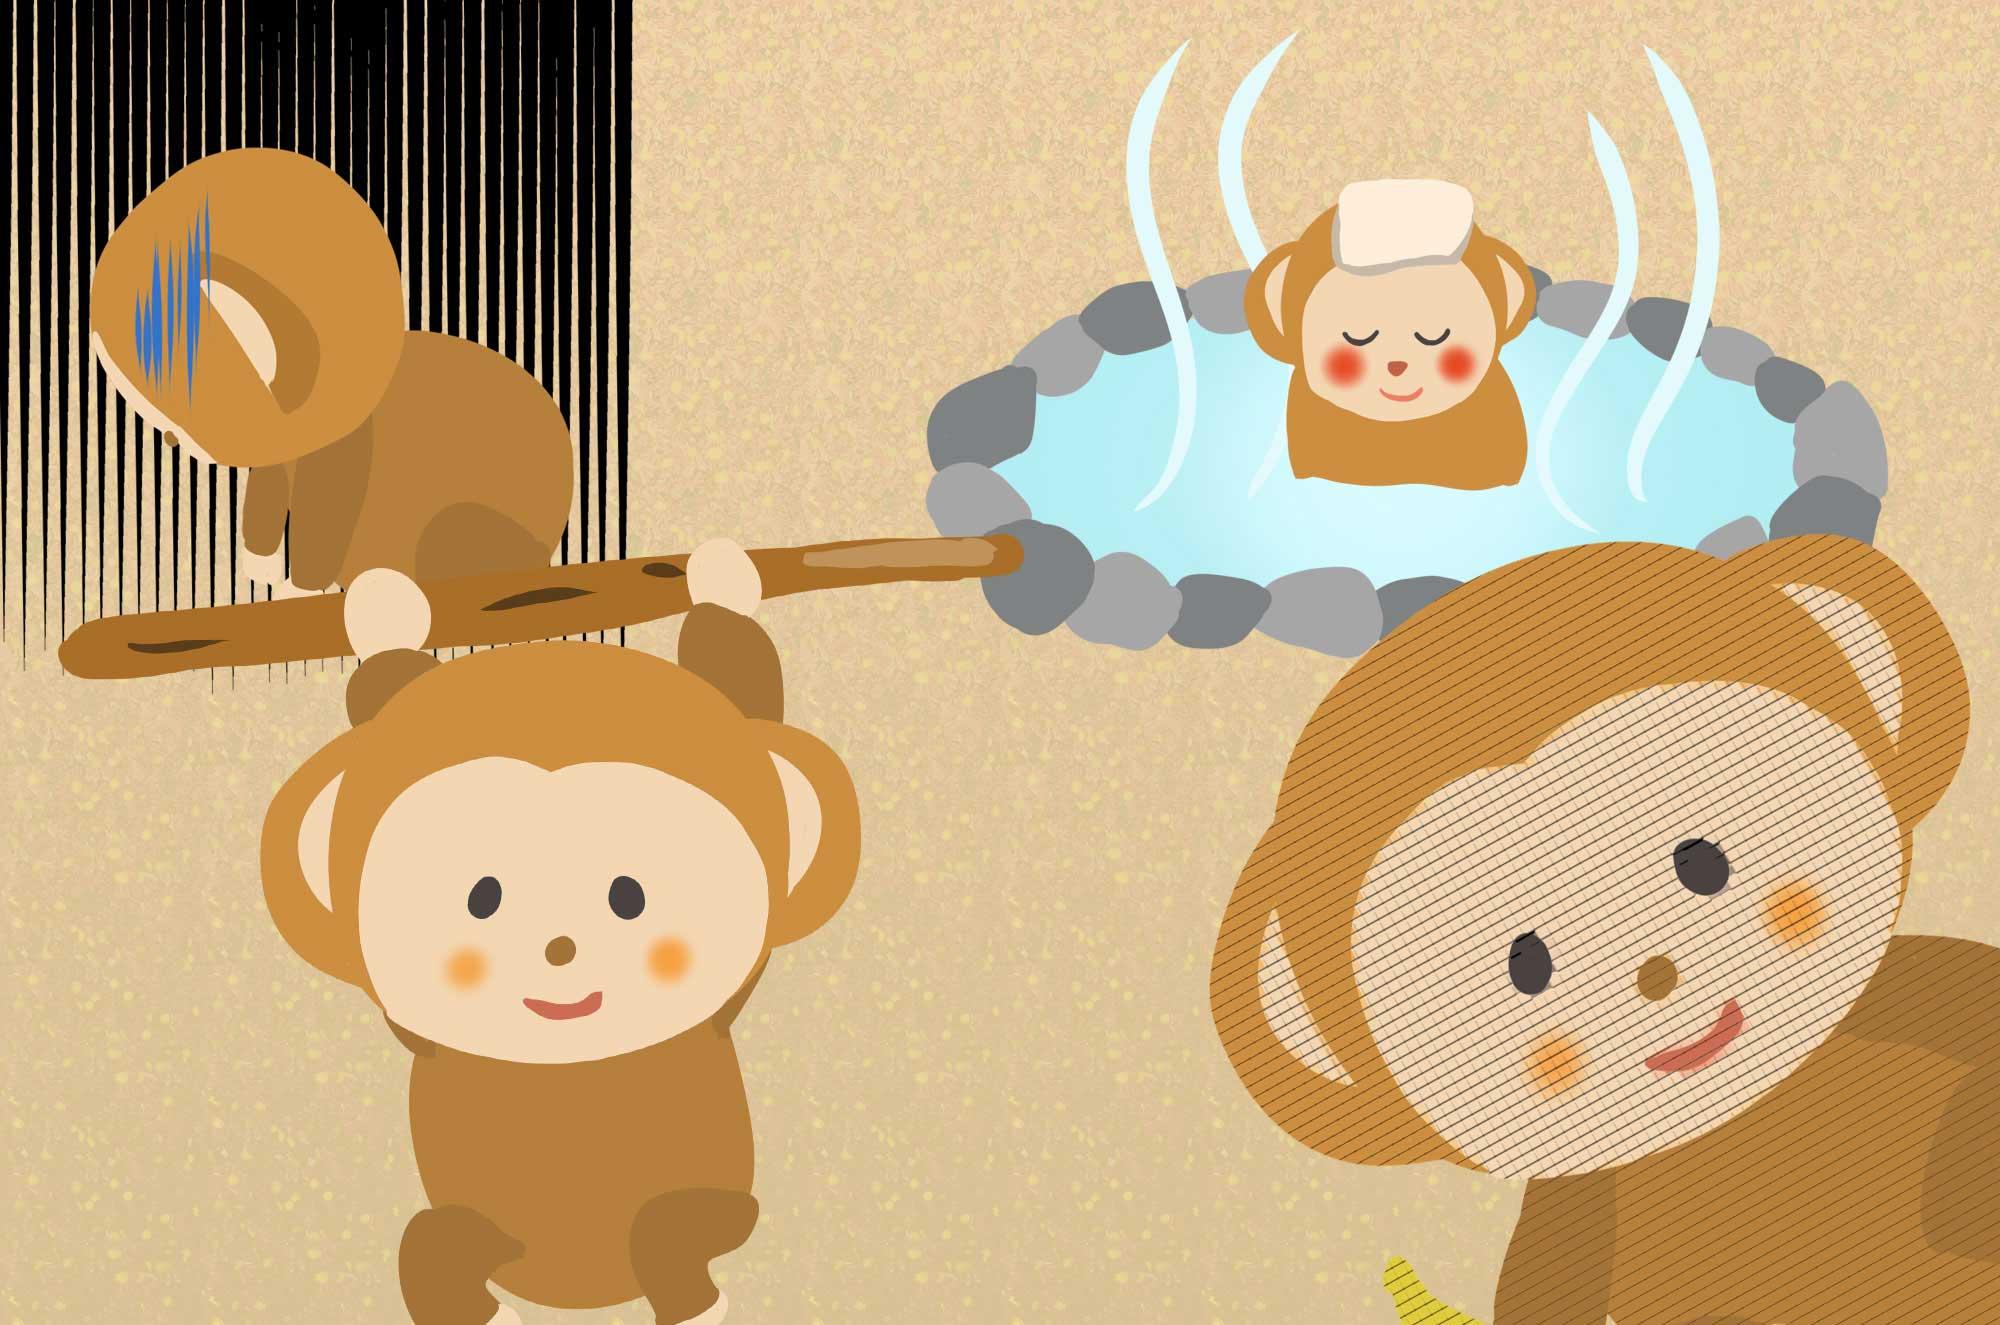 猿イラスト 温泉と小猿の楽しいかわいい動物無料素材 チコデザ